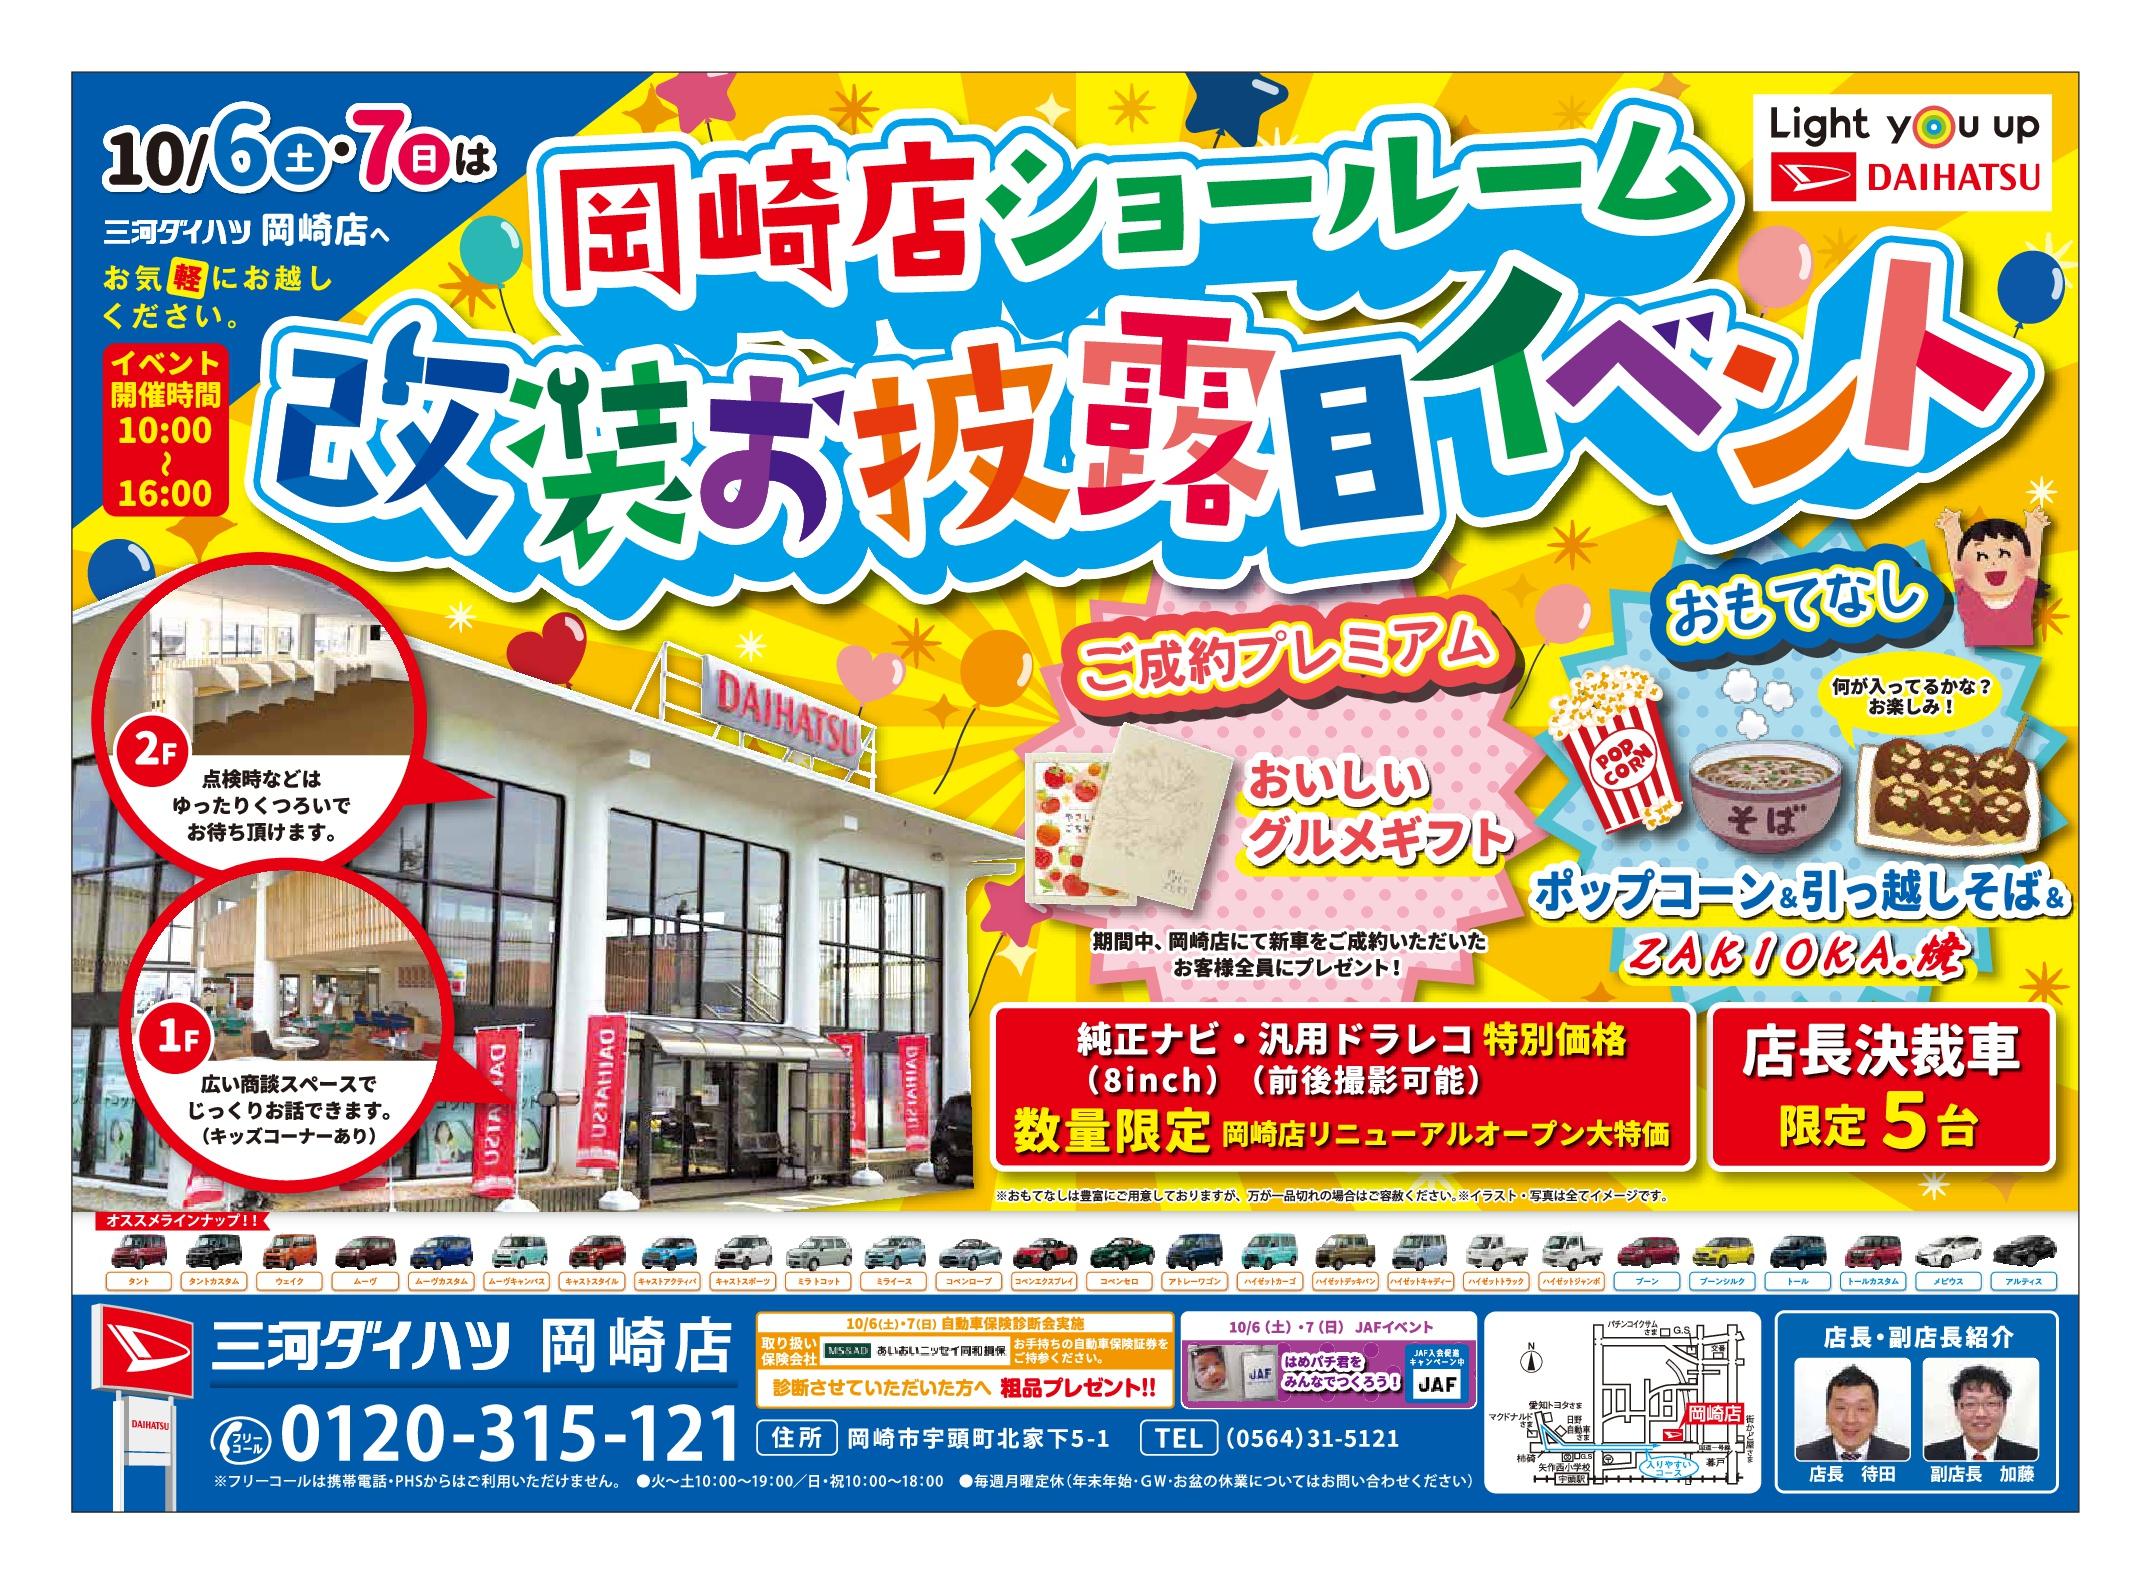 岡崎店 改装お披露目イベントを開催致します!